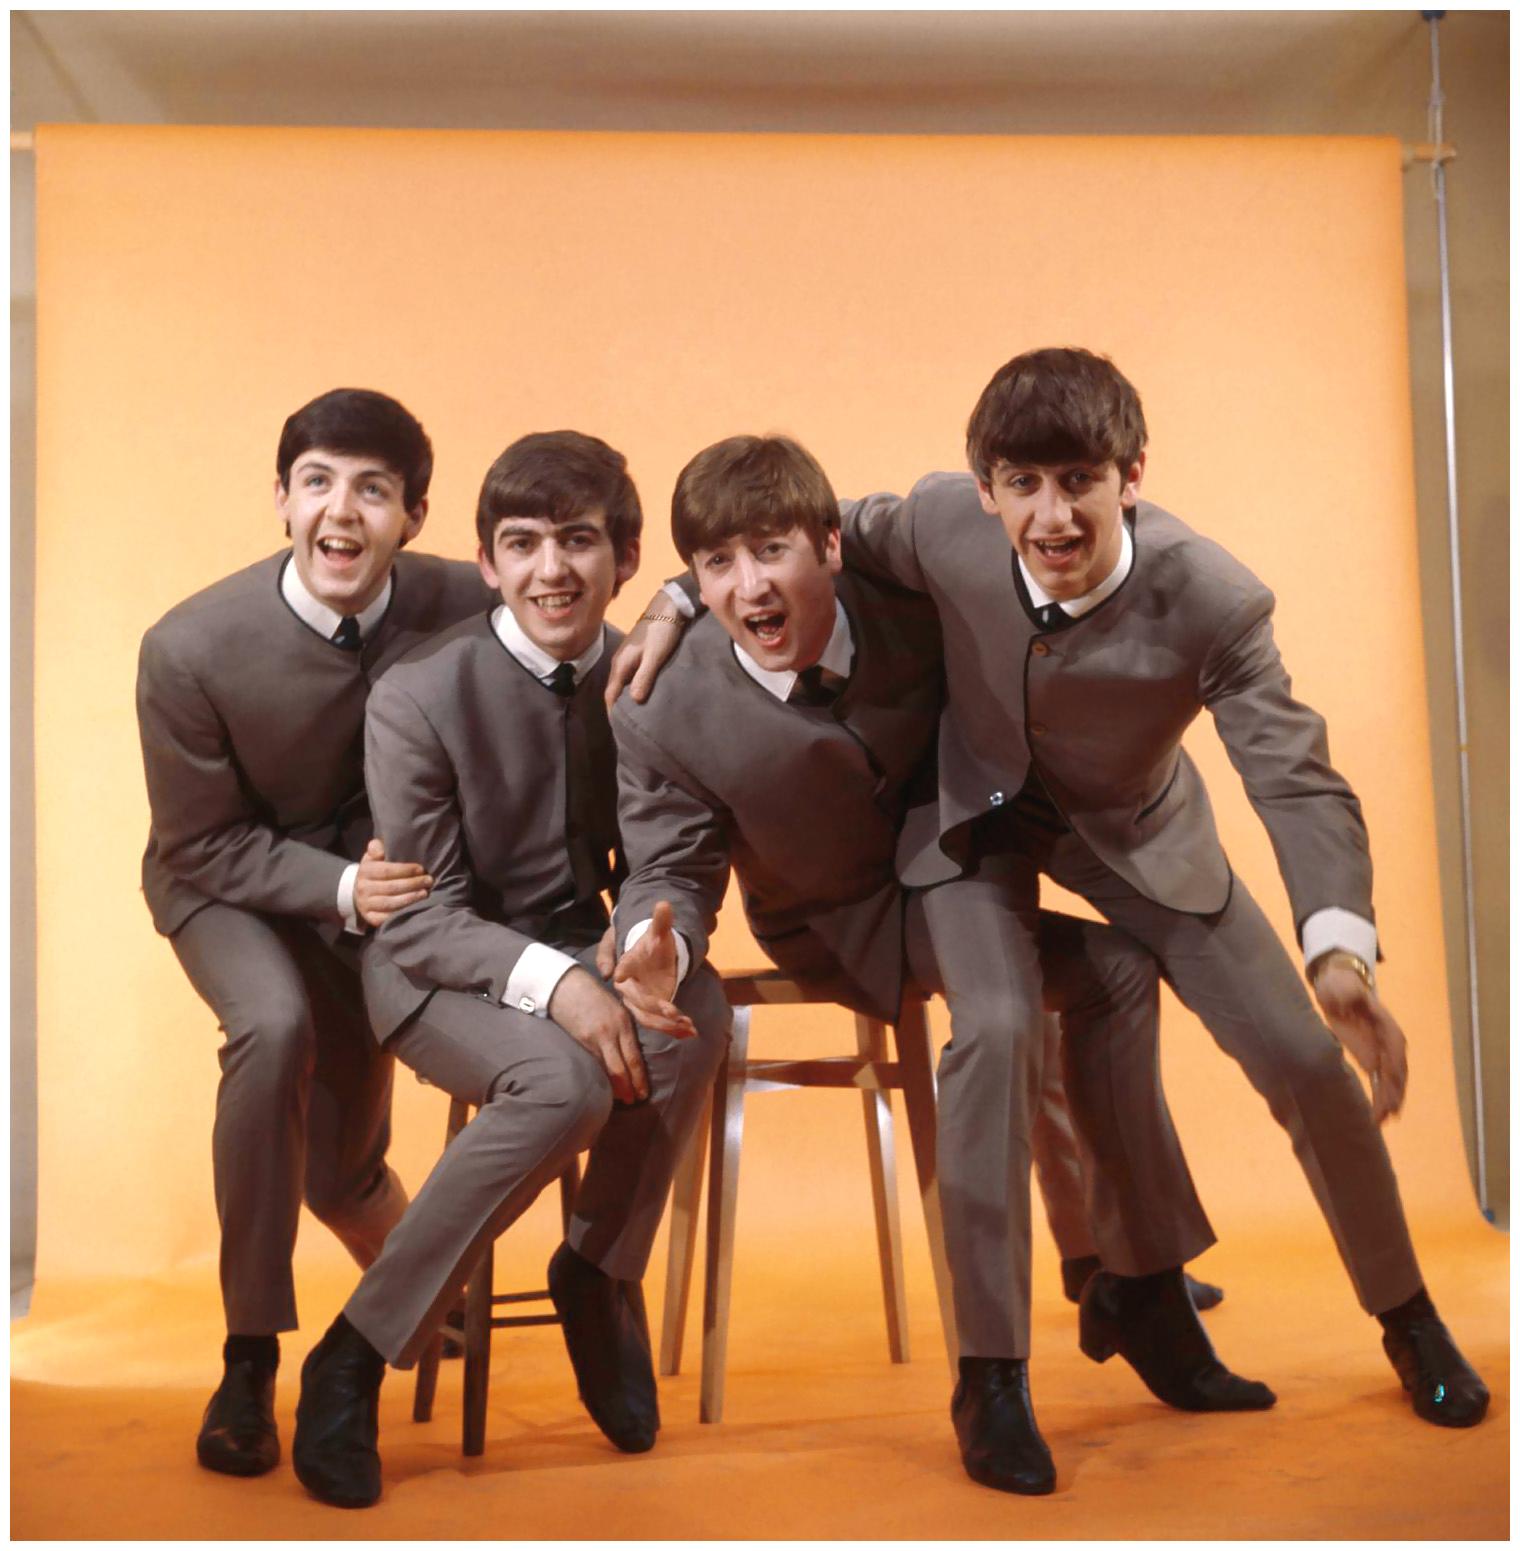 ph-bob-van-dam-the-beatles-1964.jpg